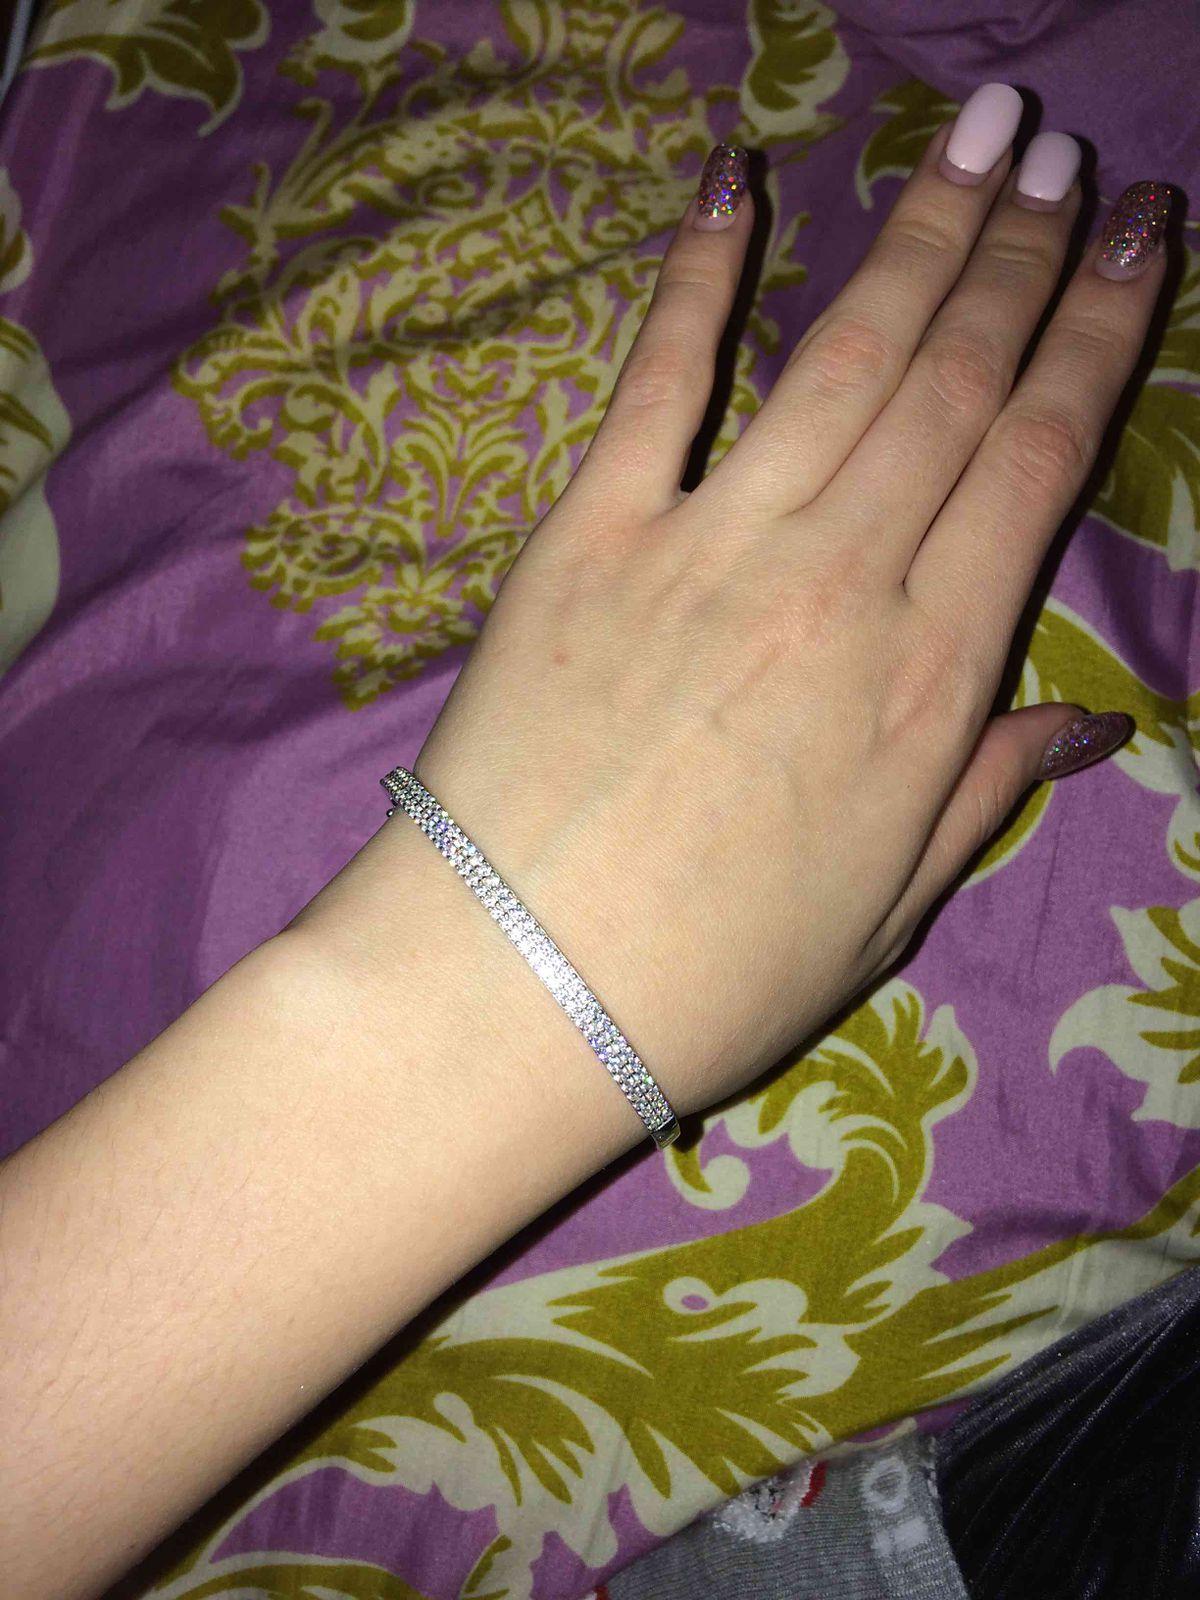 Серебряный браслет с маленькими камнями фианита. с  зацепками прочными